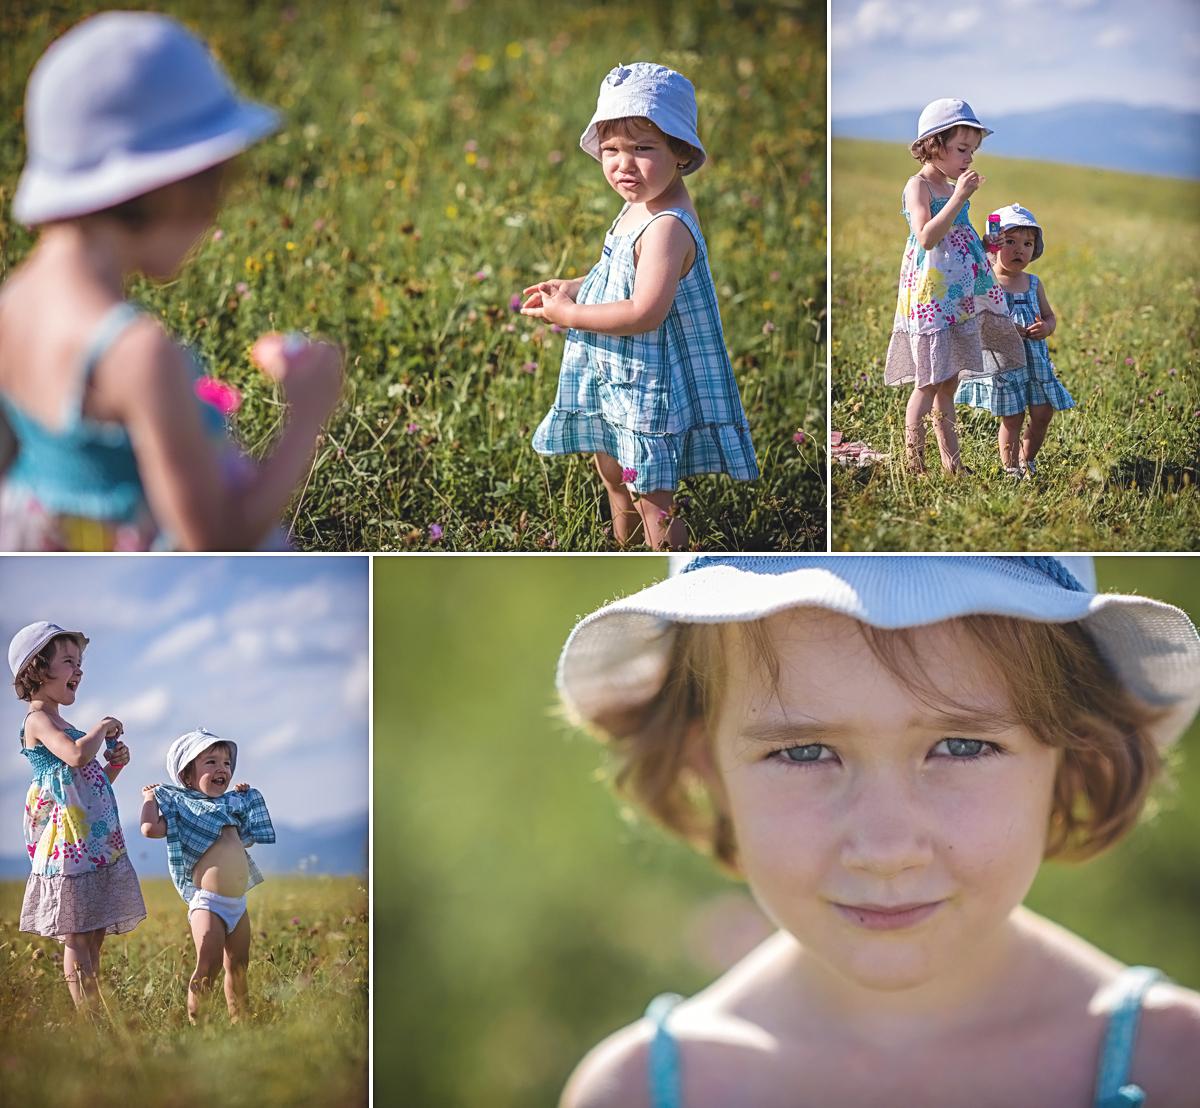 seance-portrait-fille-nature-exterieur-rennes-soeurs